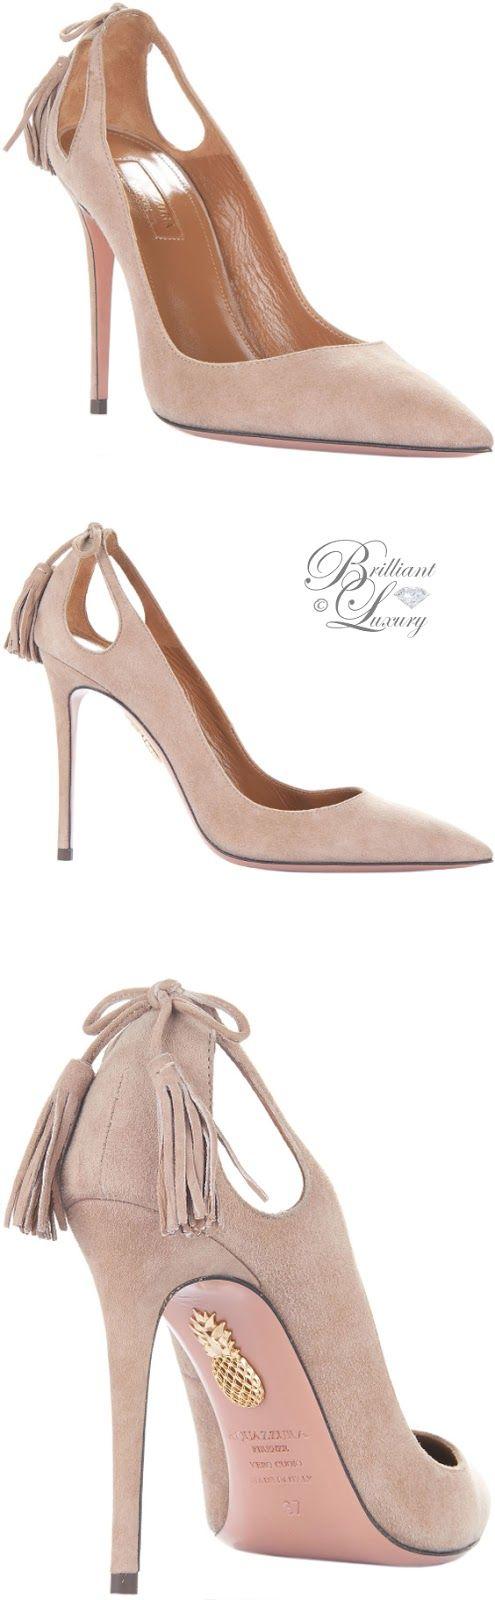 Brilliant Luxury by Emmy DE ♦ Aquazzura 'Forever Marilyn' Pumps